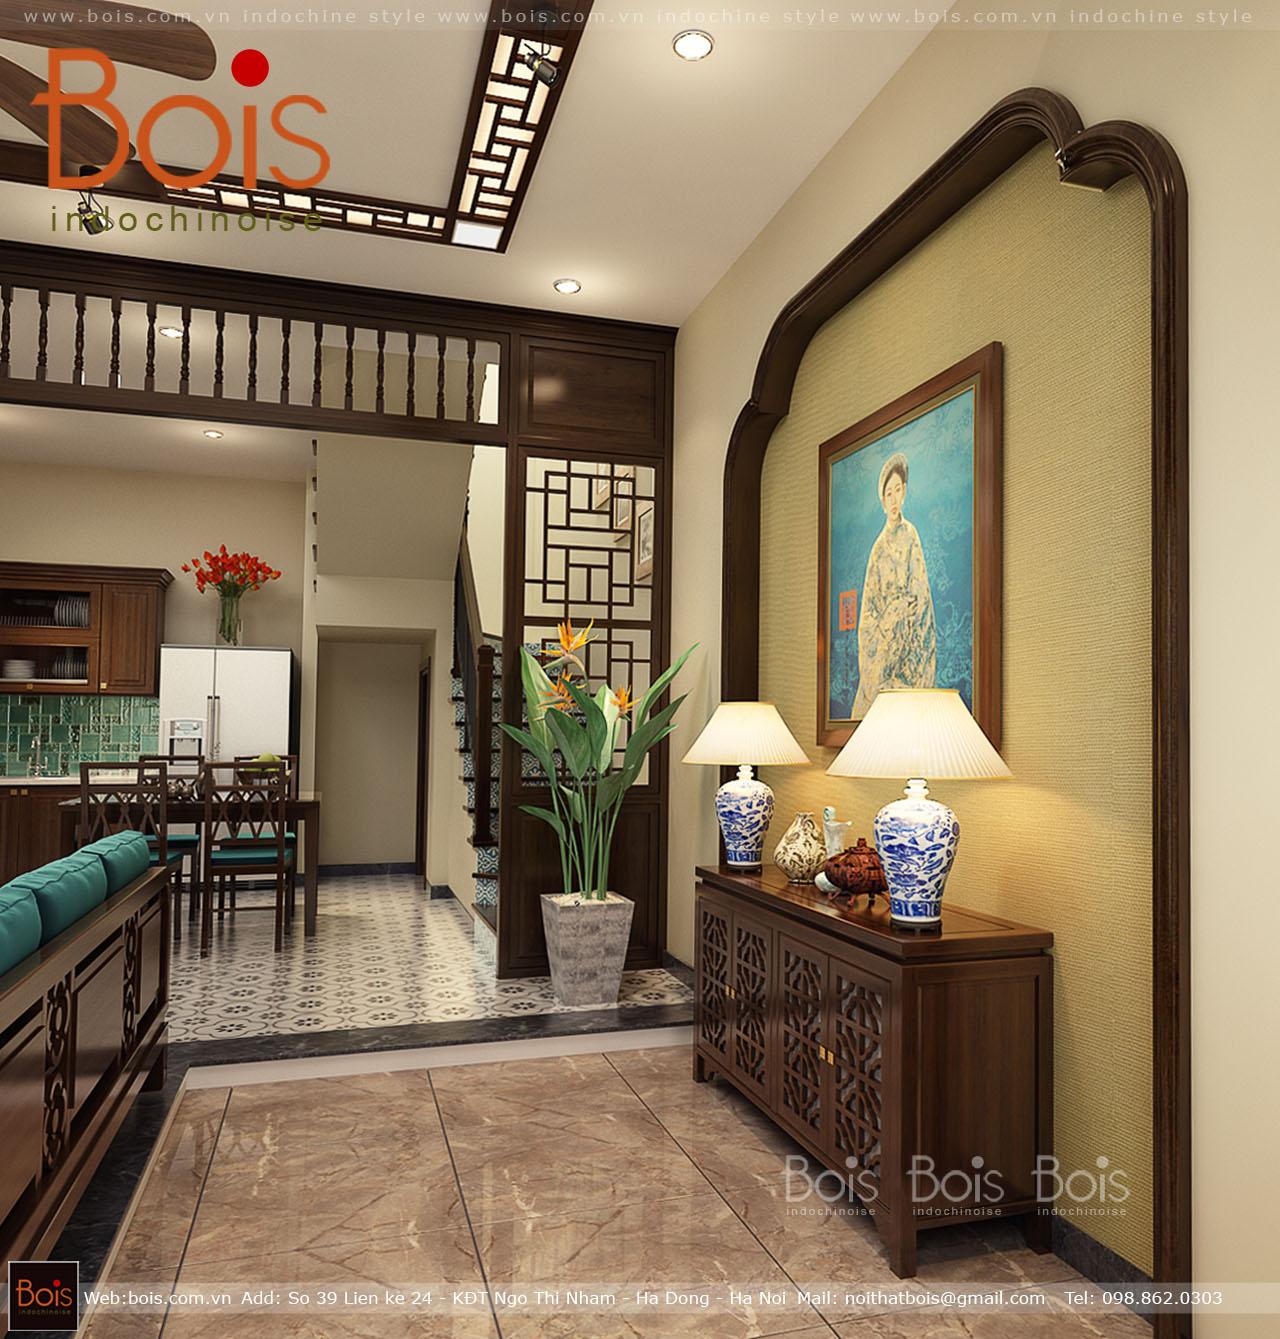 thiết kế hành lang đẹp ,trang trí hành lang hẹp ,trang trí hành lang cầu thang ,nhà có hành lang bên hông ,cách bố trí hành lang trong nhà ,trang trí hành lang ngoài trời ,gạch lát hành lang đẹp ,trang trí hành lang đẹp